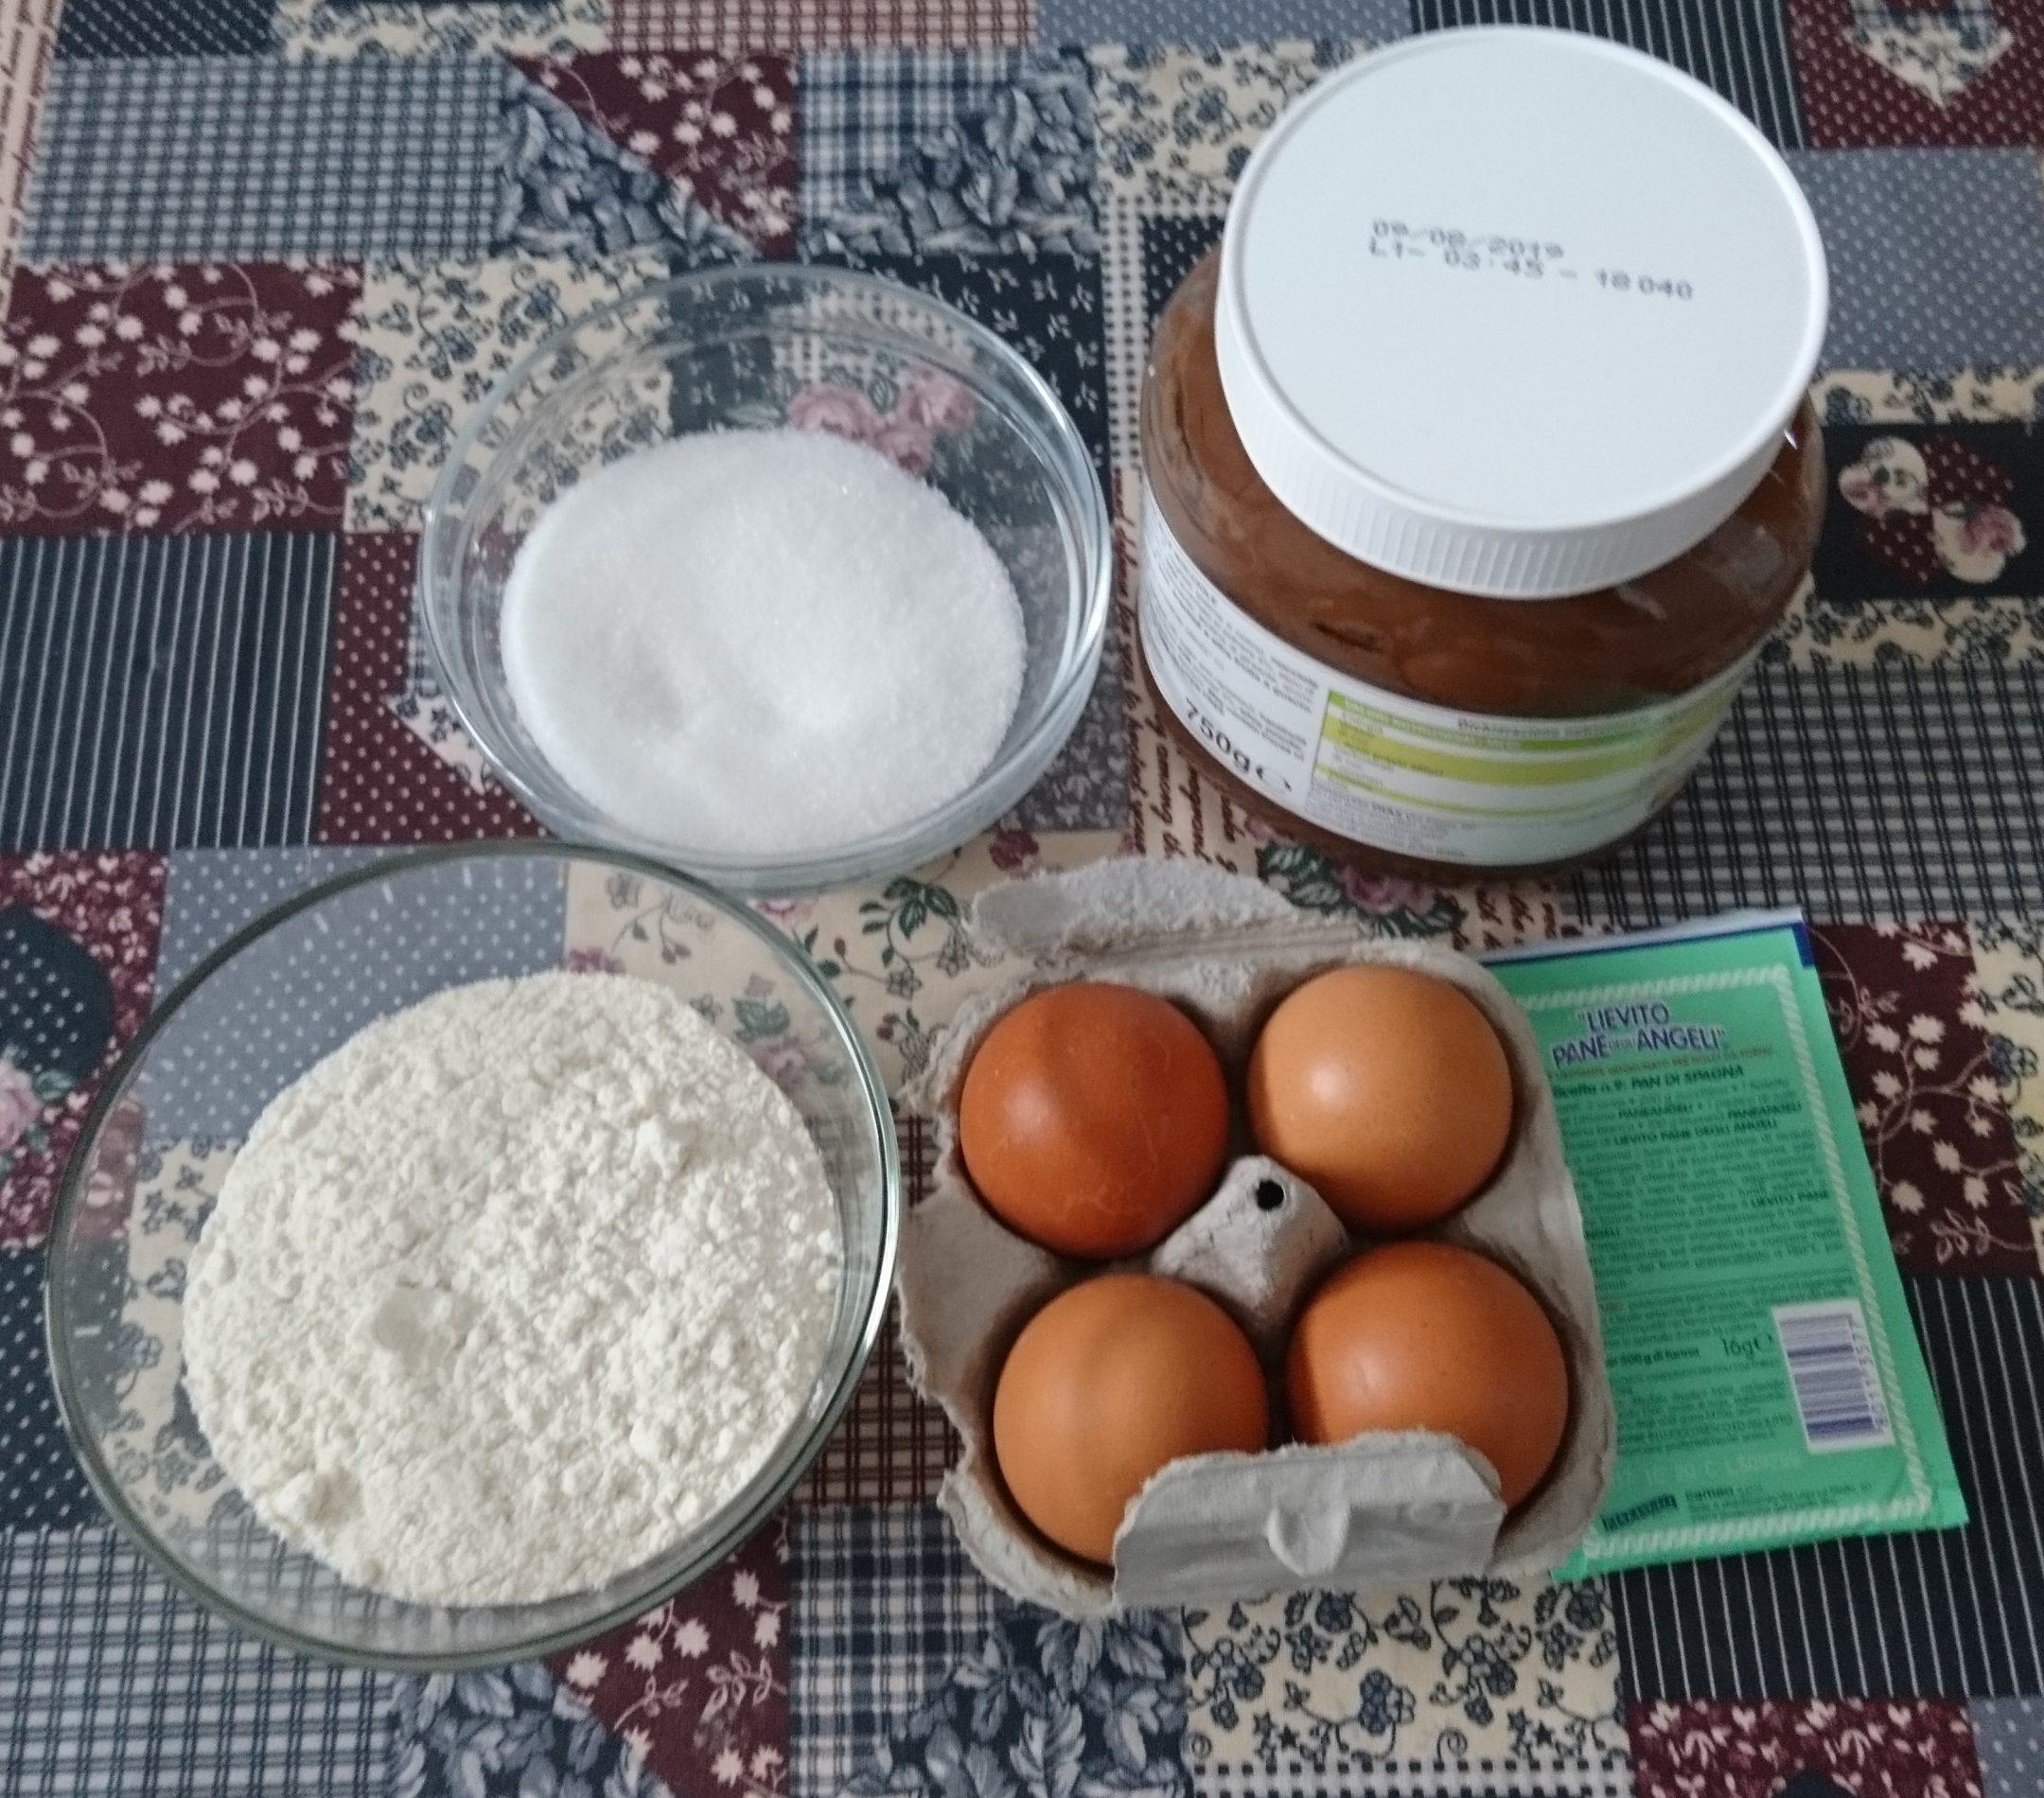 Rotolo con crema alle nocciole - Ingredienti